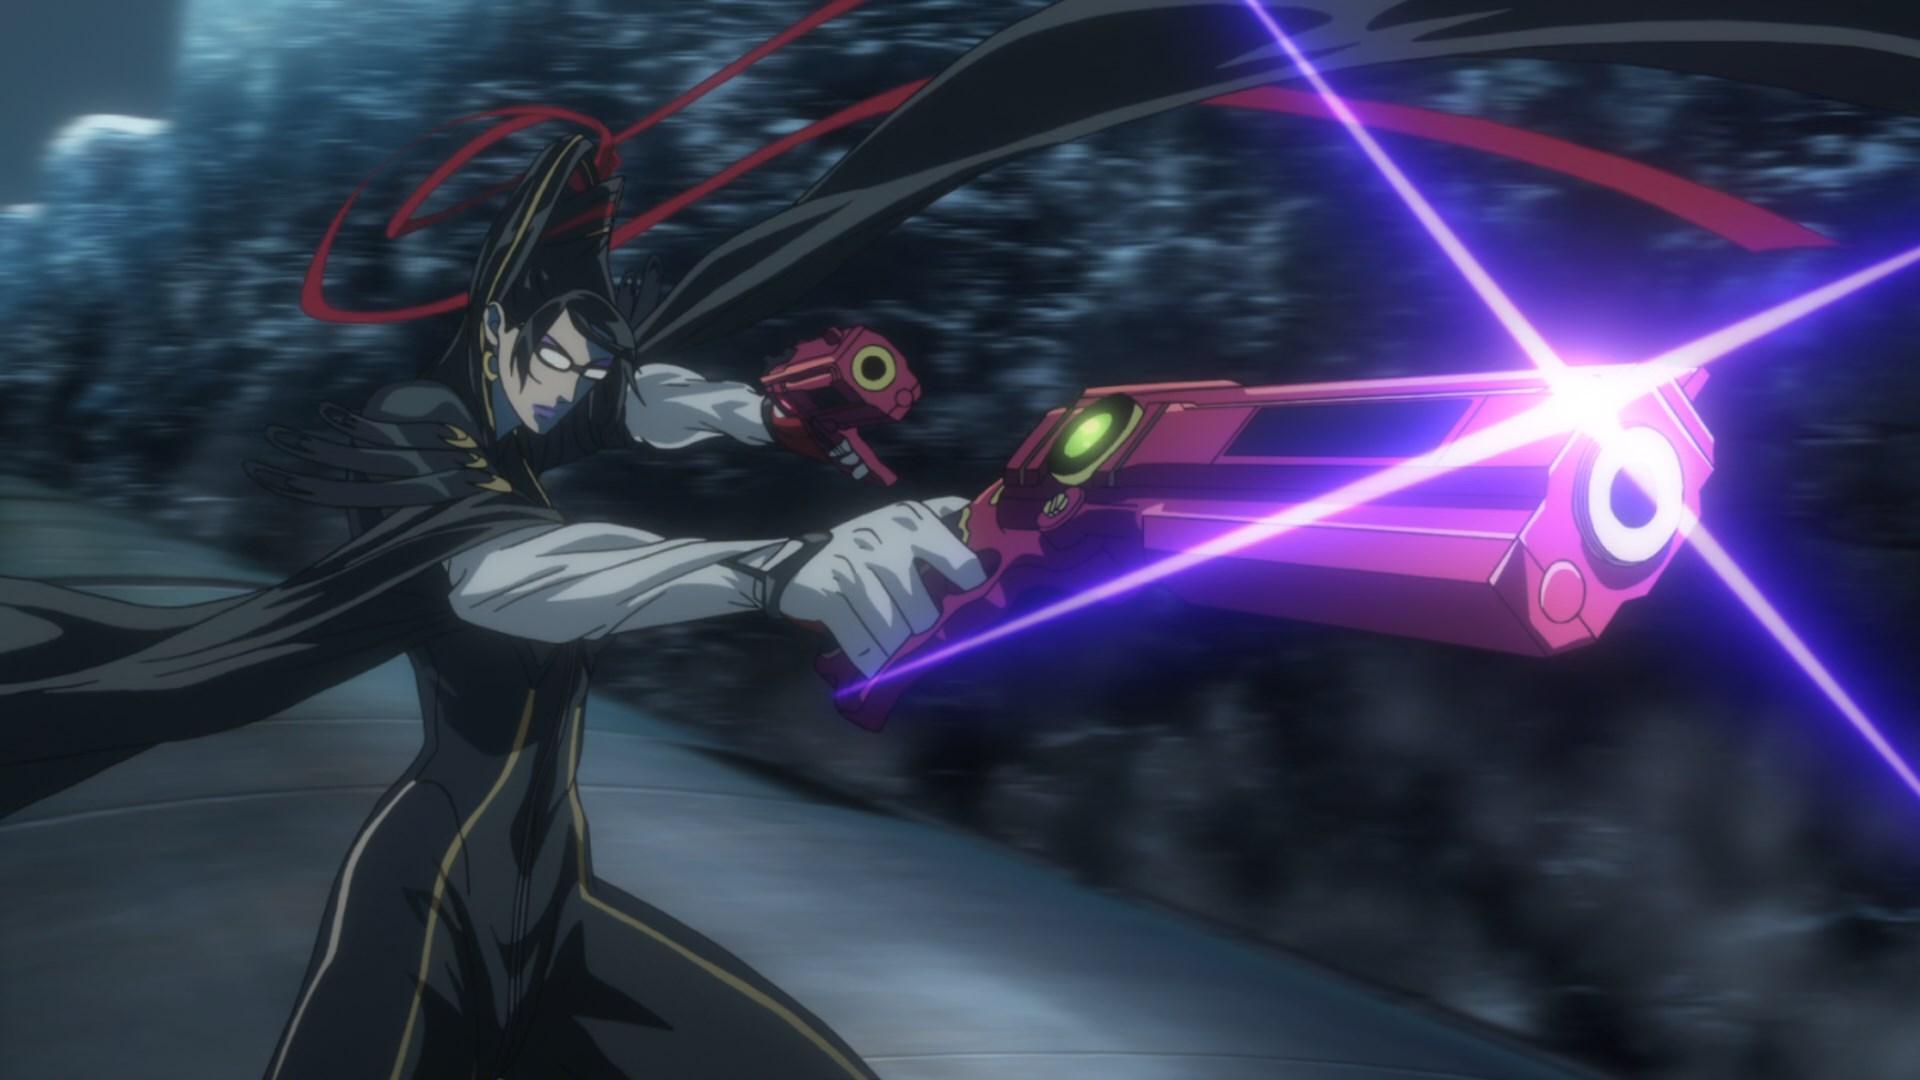 猎天使魔女:血色命运 Bayonetta Bloody Fate [BD 1920x1080 HEVC-10bit OPUSx2][简繁内封字幕][SAIO-Raws]